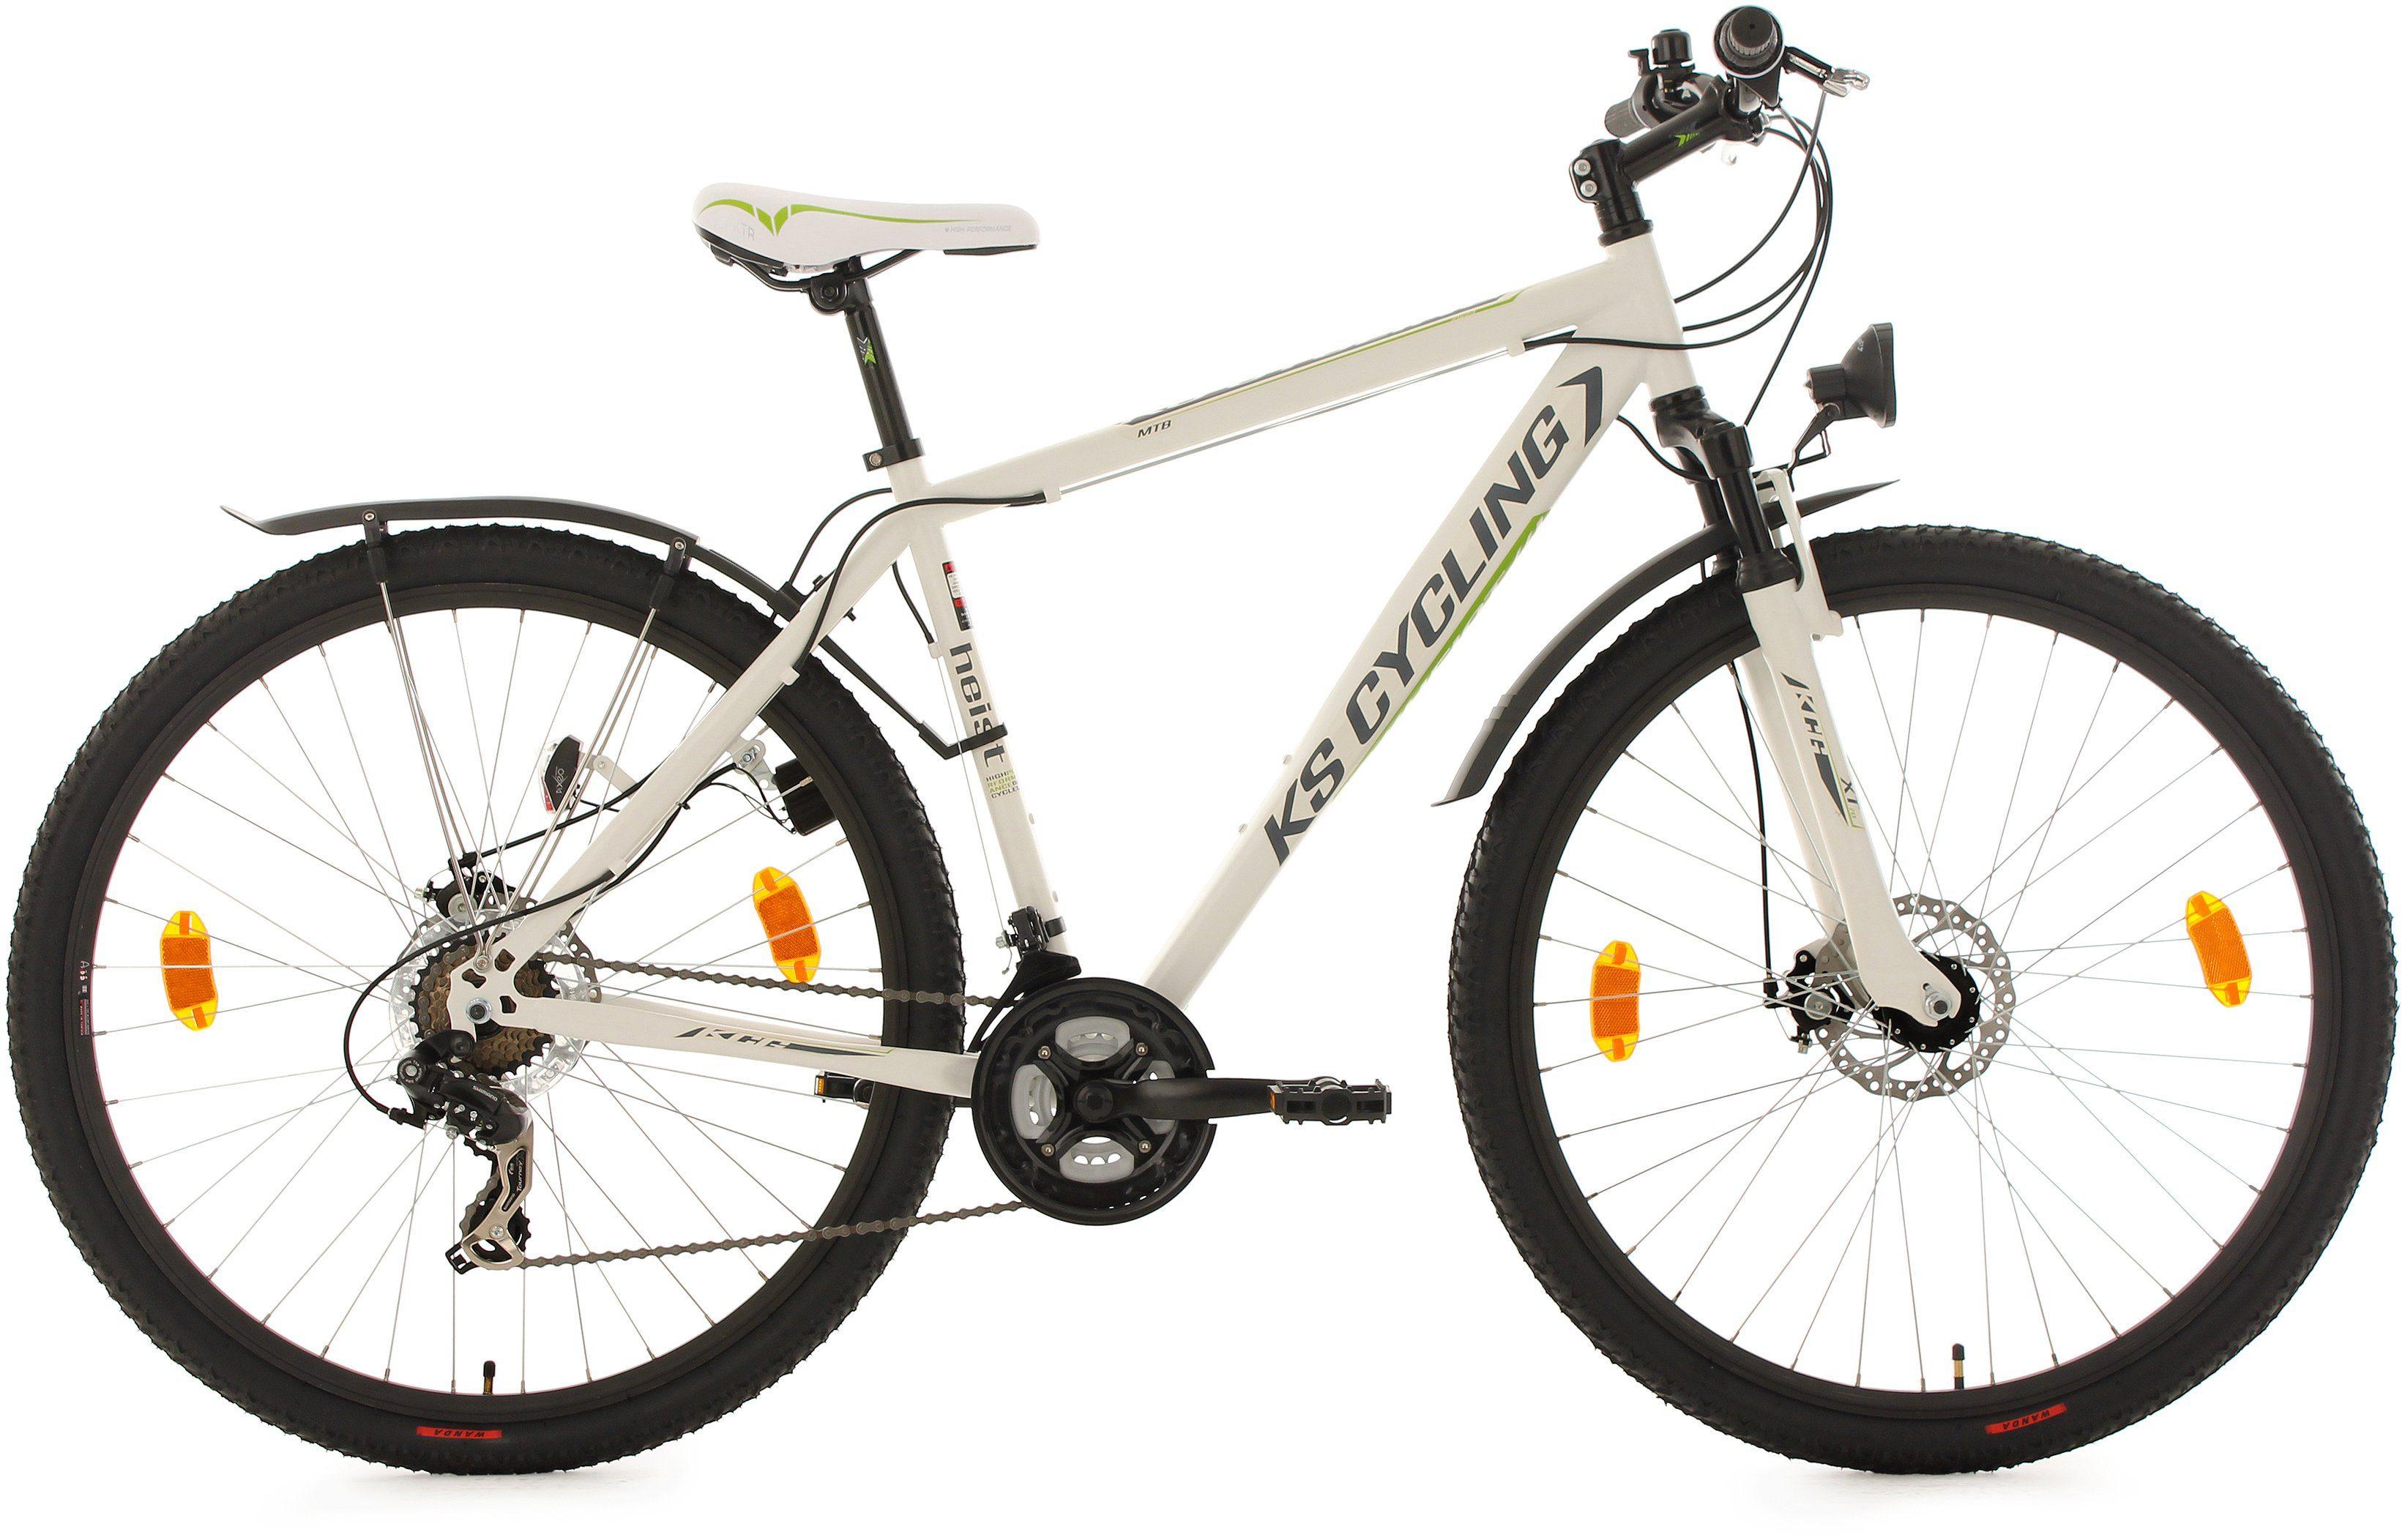 KS Cycling Hardtail-ATB, 29 Zoll, 21 Gang-Shimano Tourney Kettenschaltung, weiß-grün, »Heist«